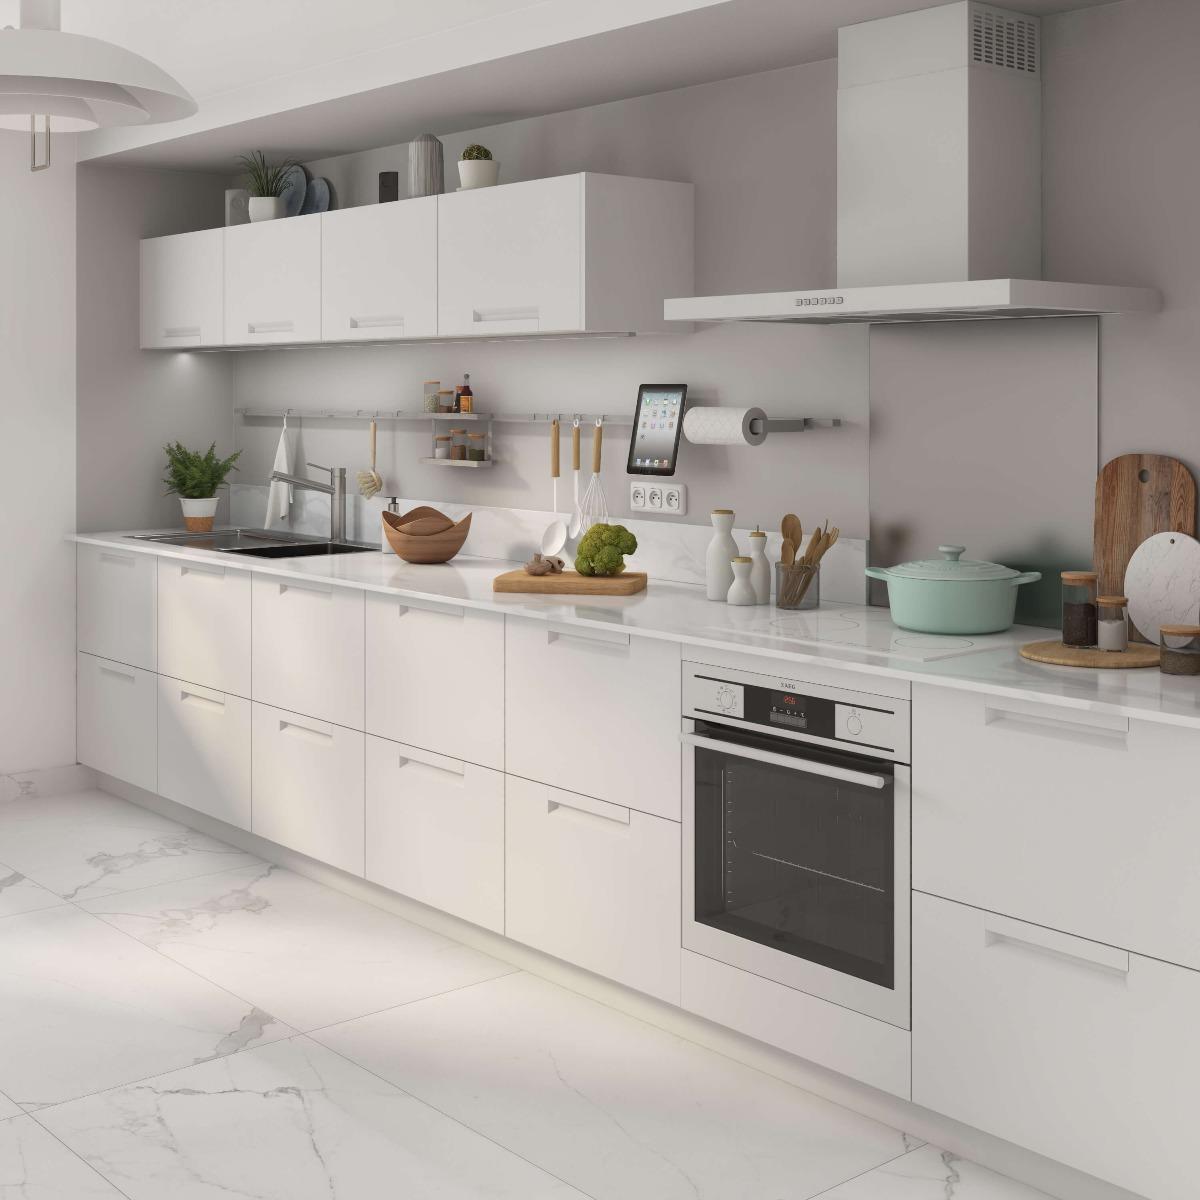 Delinia Evora White Designer Kitchen Mobi - Example 1